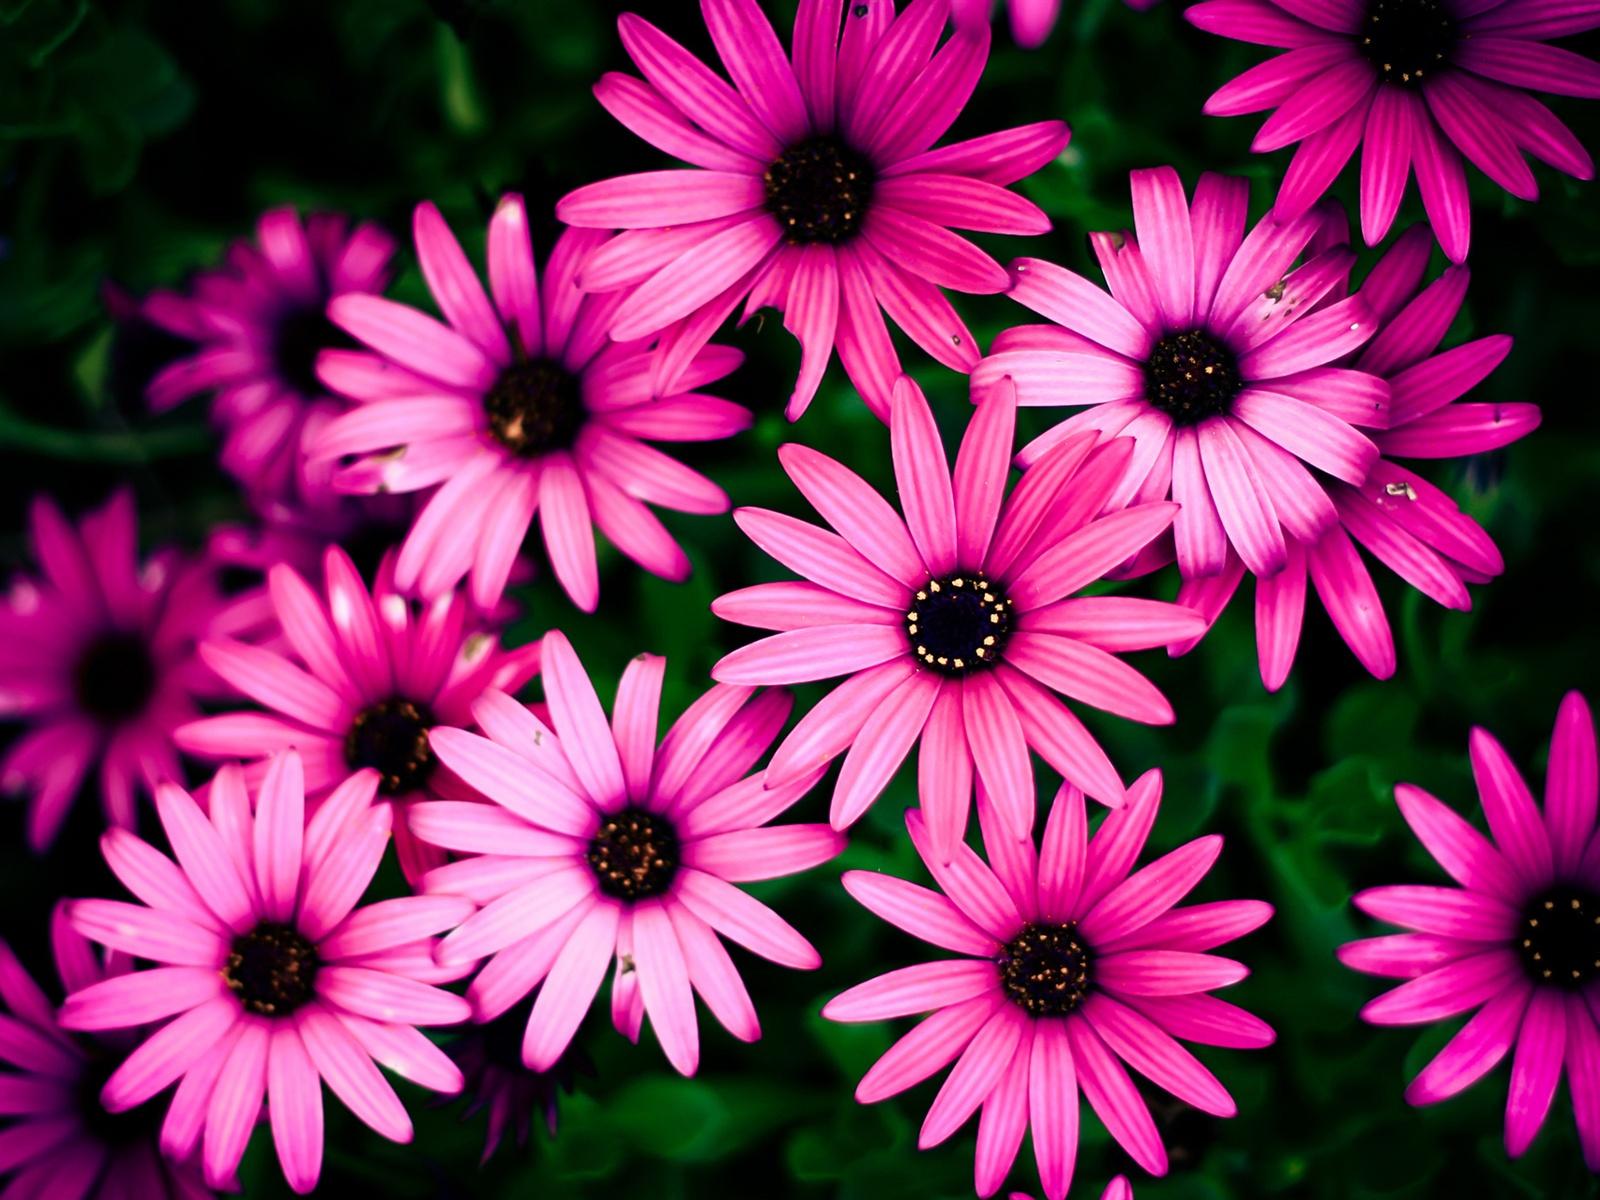 rosa chrysantheme sch ne blumen 1920x1200 hd hintergrundbilder hd bild. Black Bedroom Furniture Sets. Home Design Ideas